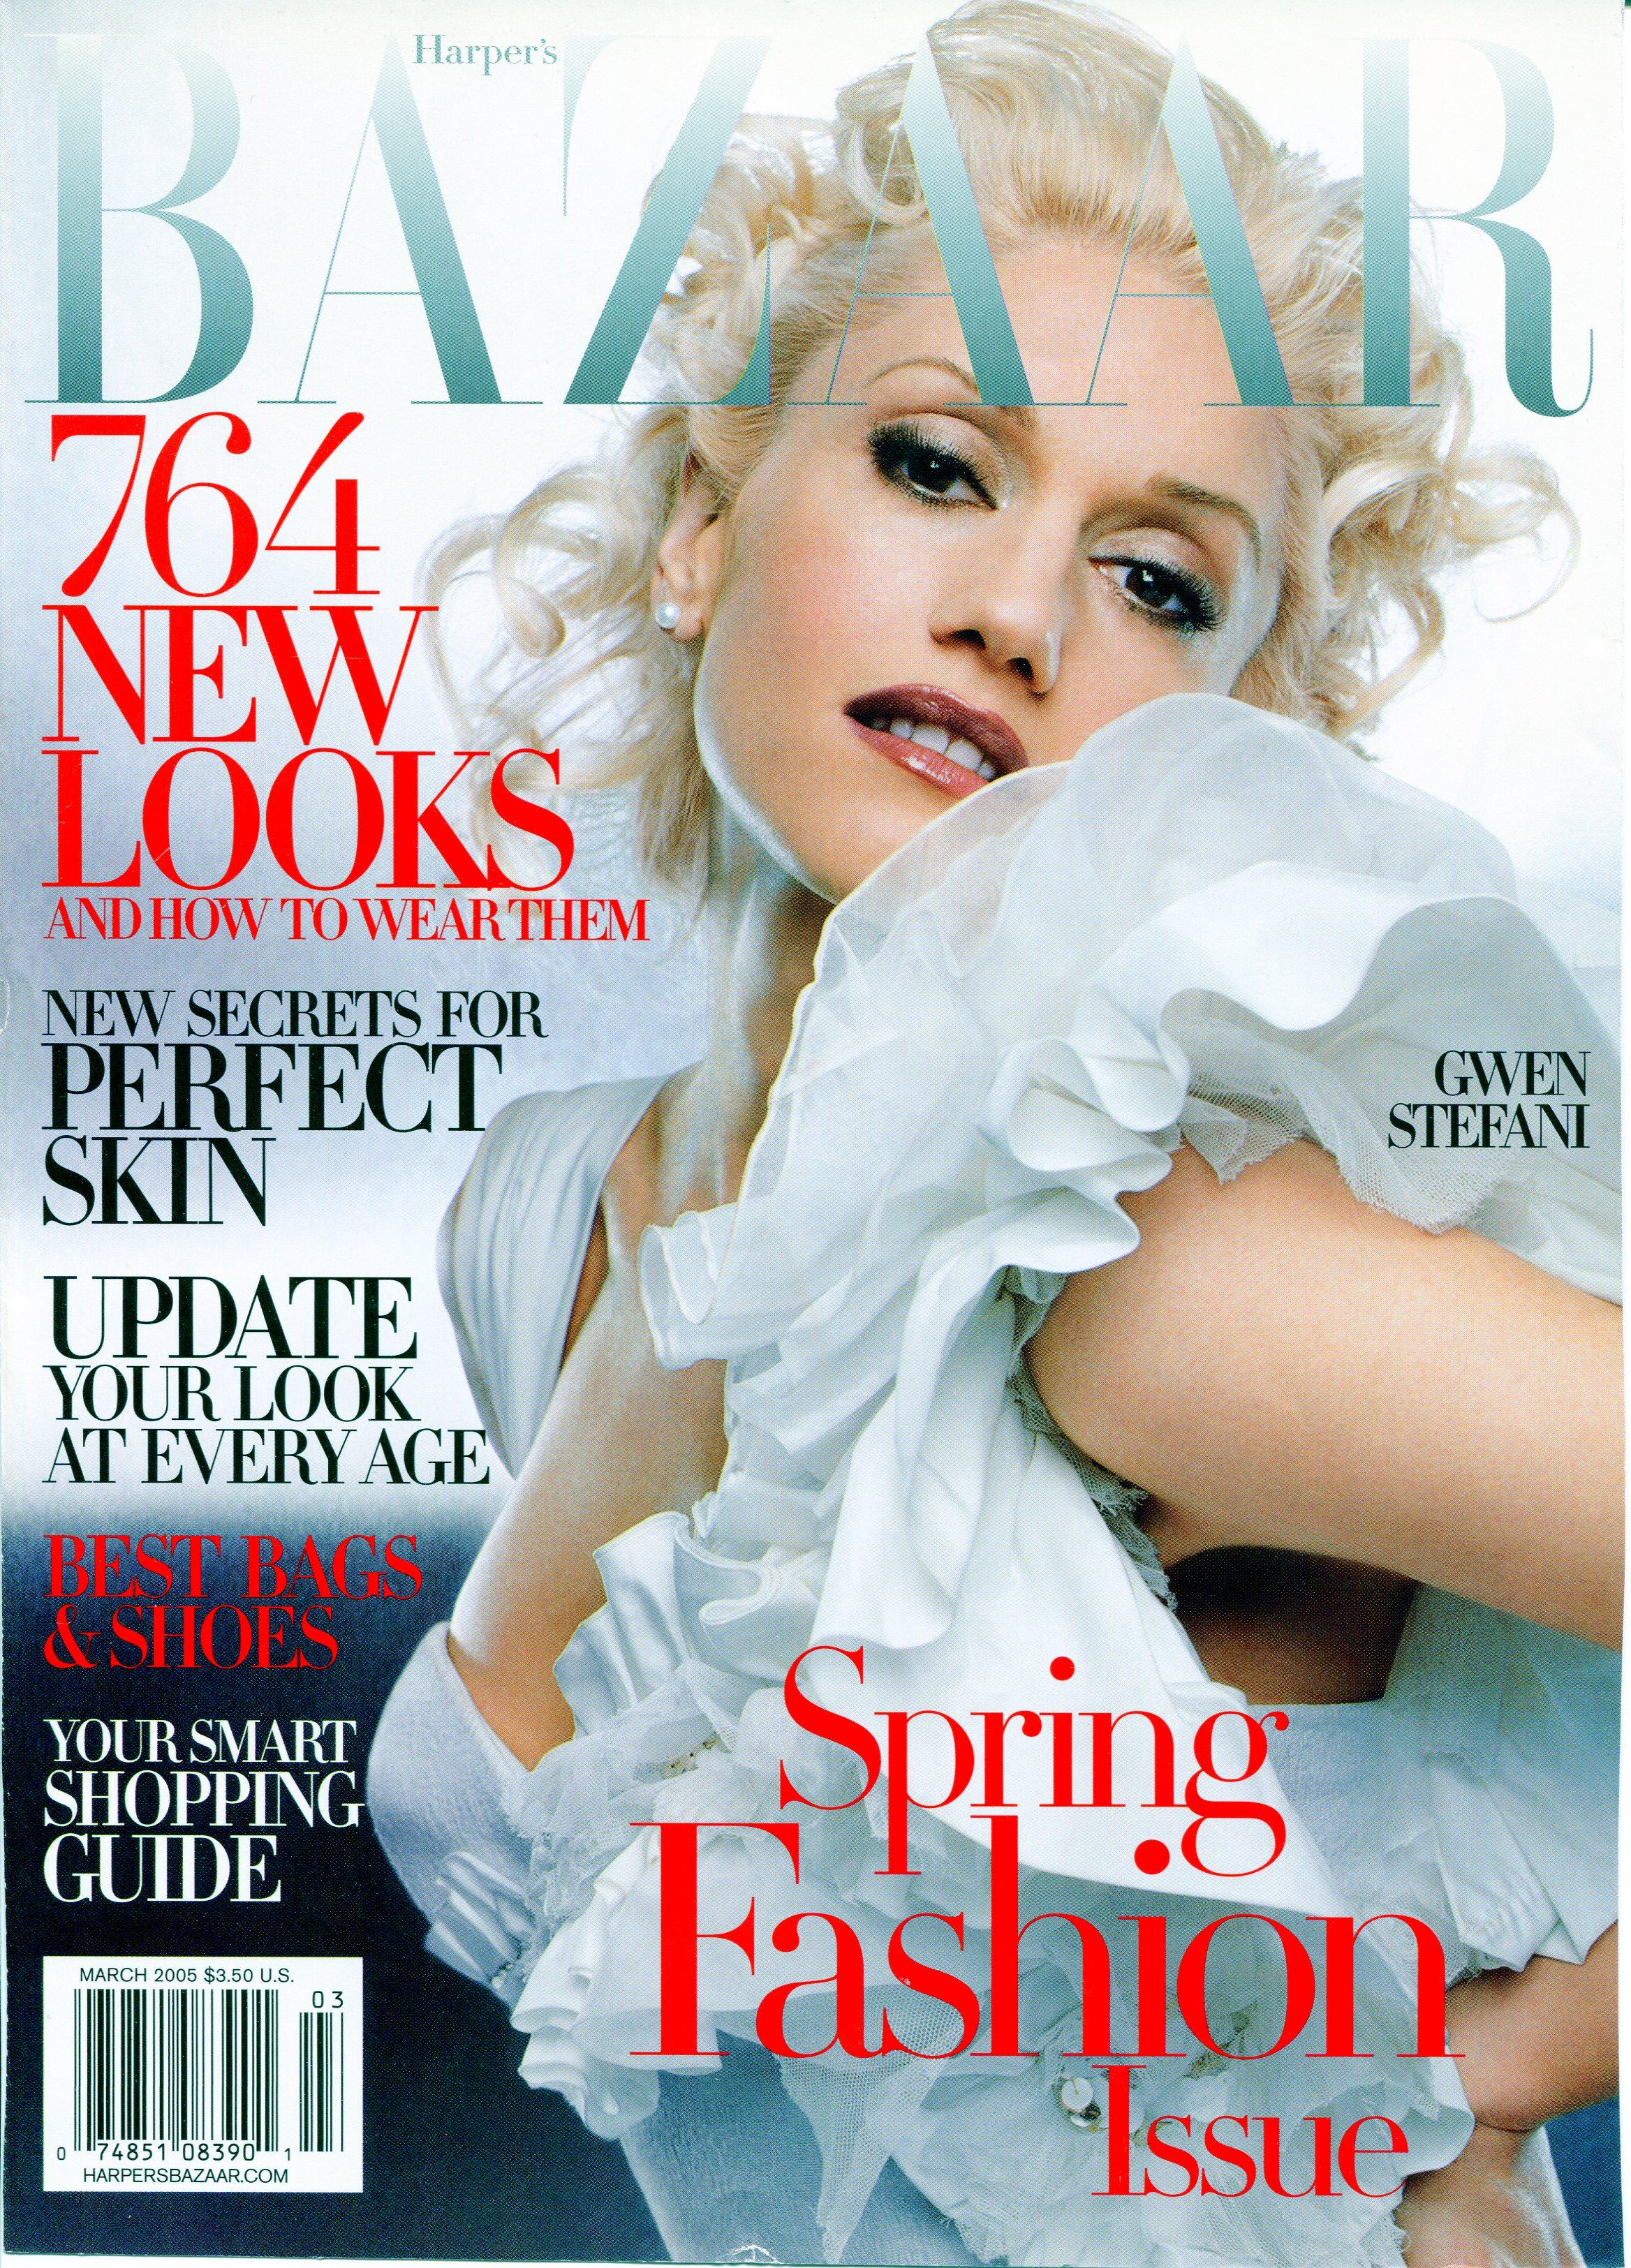 Harper's Bazaar March 2005_1